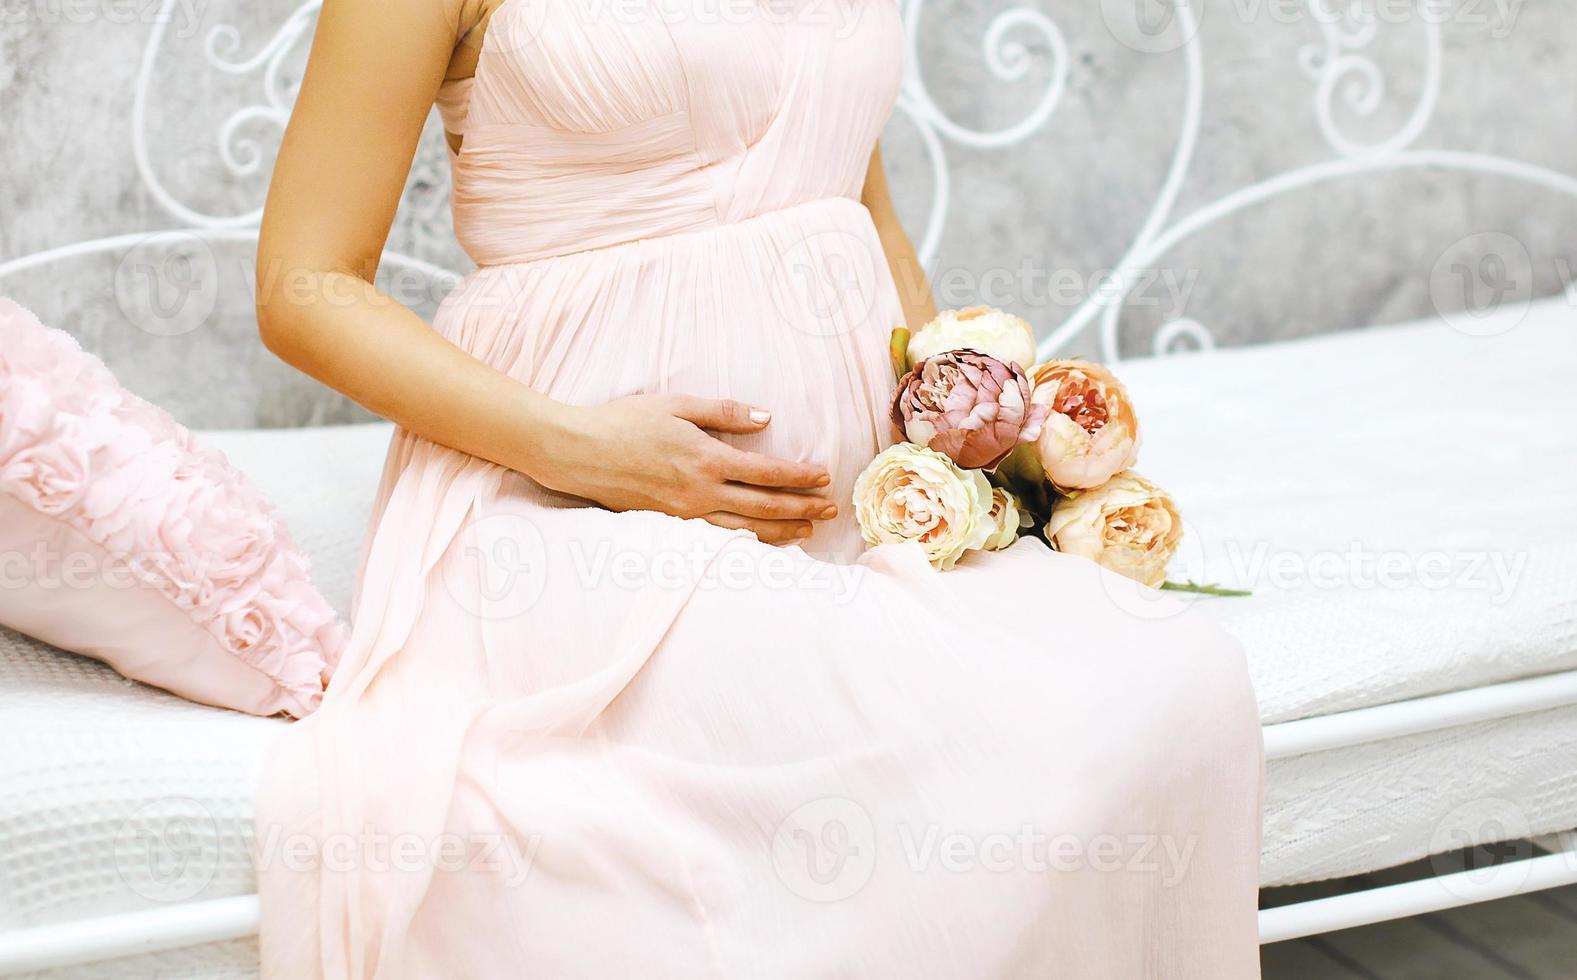 grossesse, maternité et heureuse future maman concept - enceinte photo